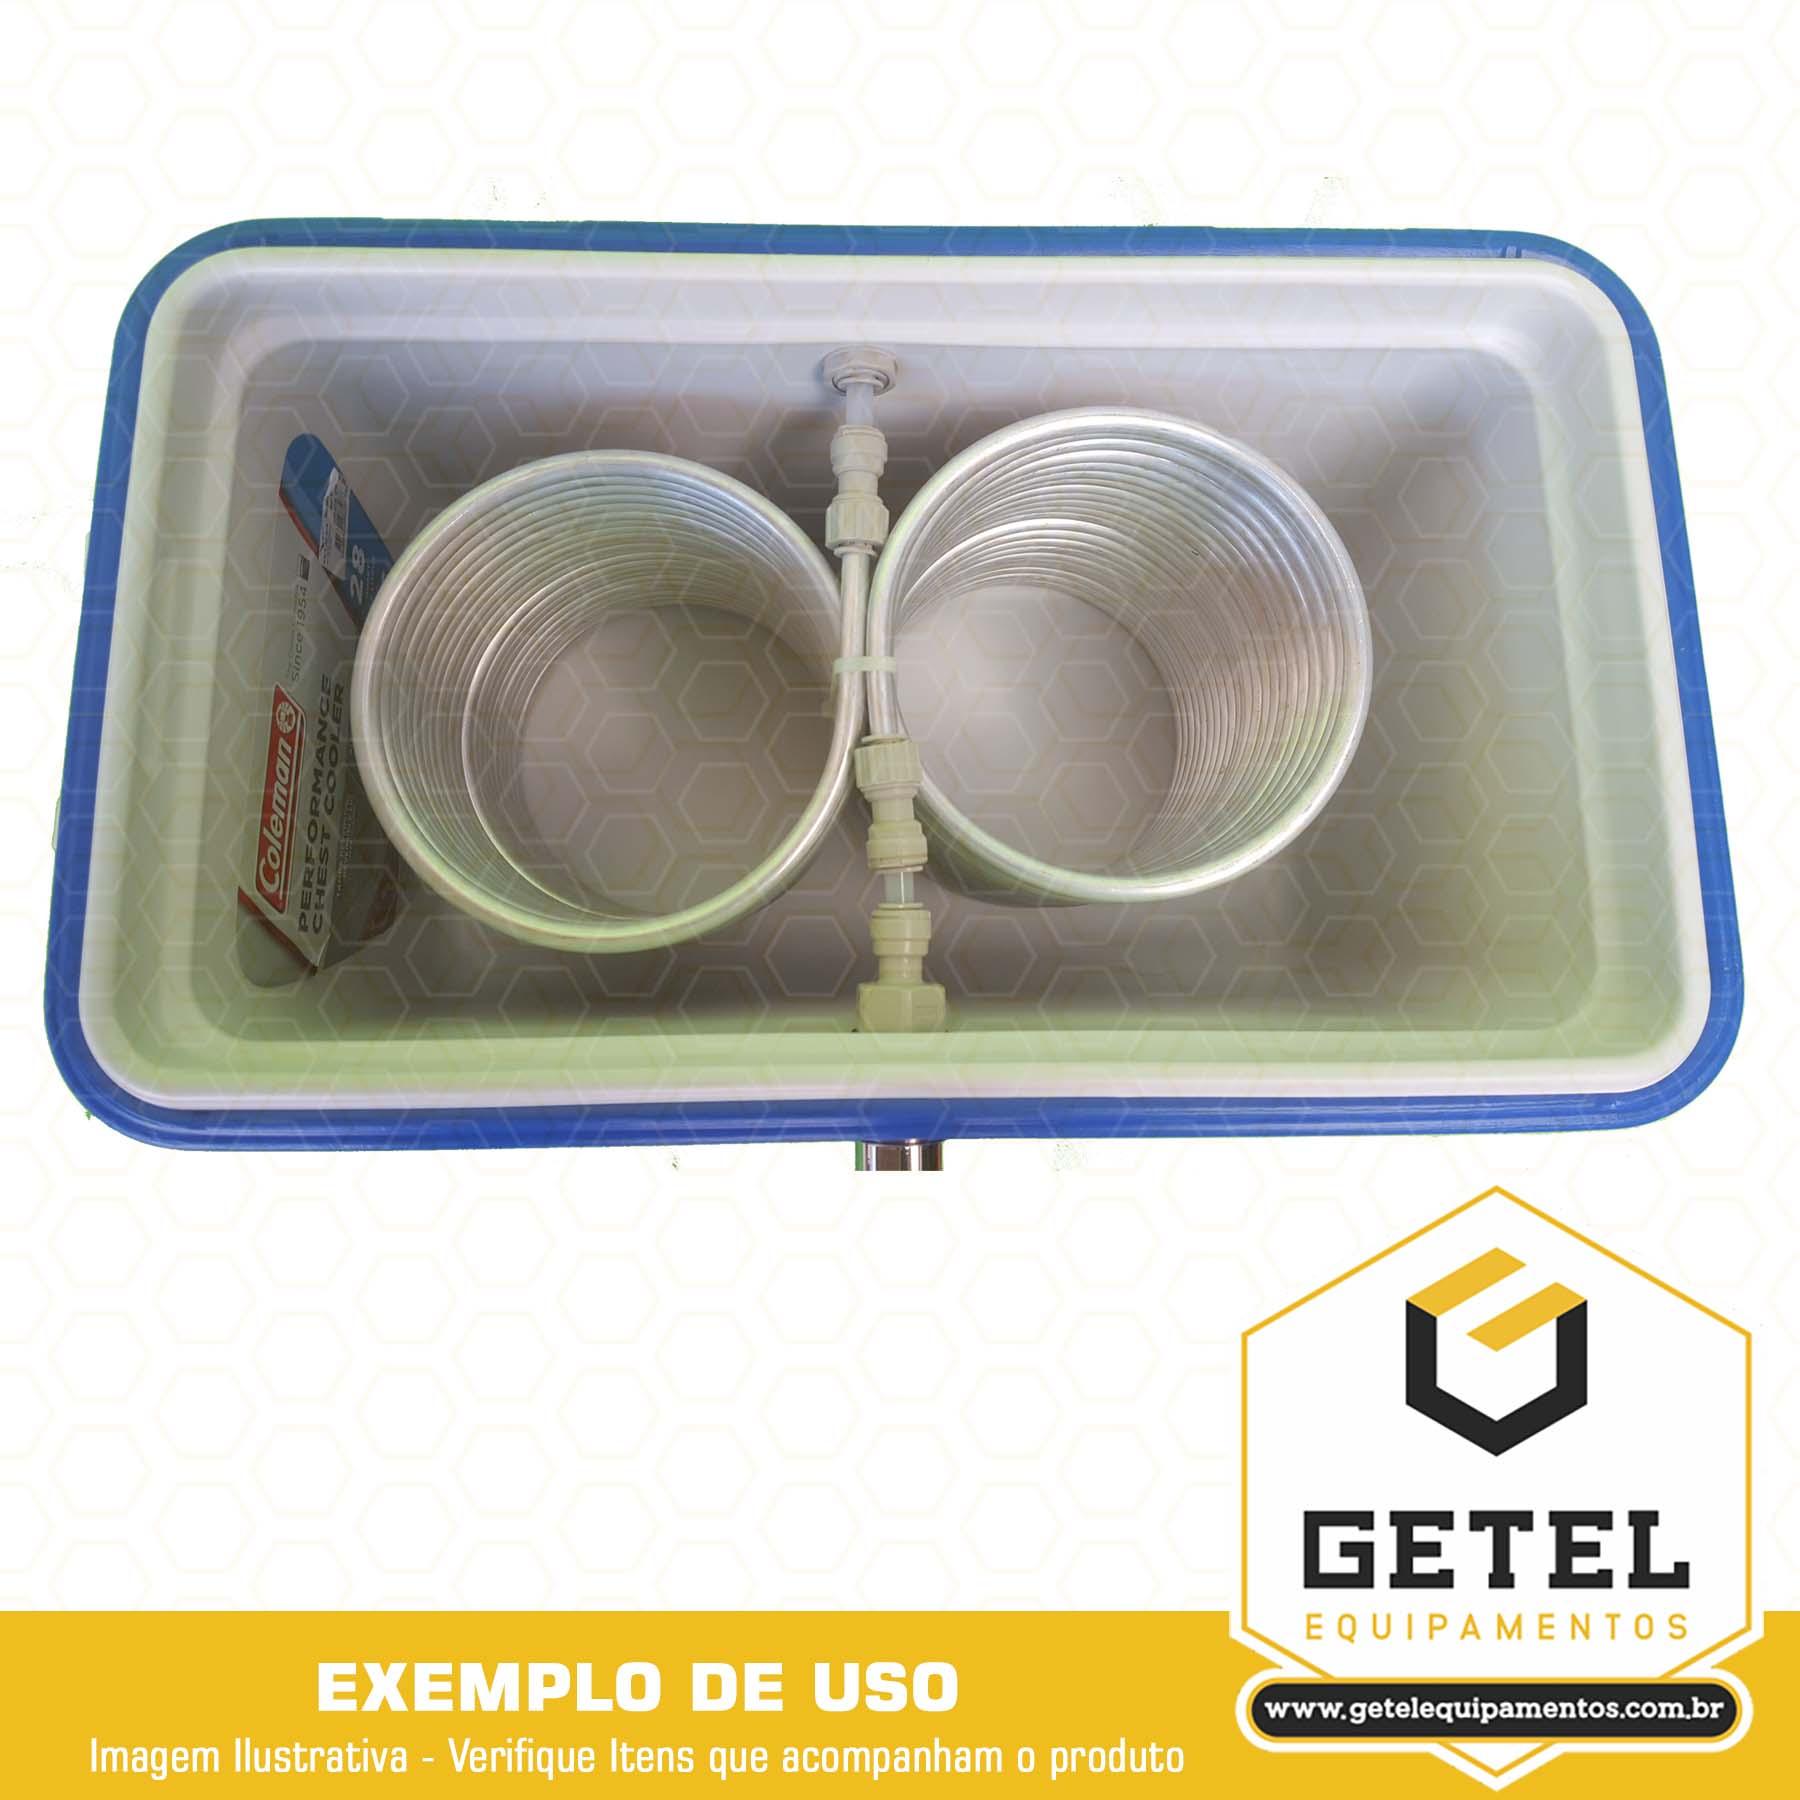 Serpentina 24 Metros + Kit p/ Instalação Chopeira em Caixa Térmica